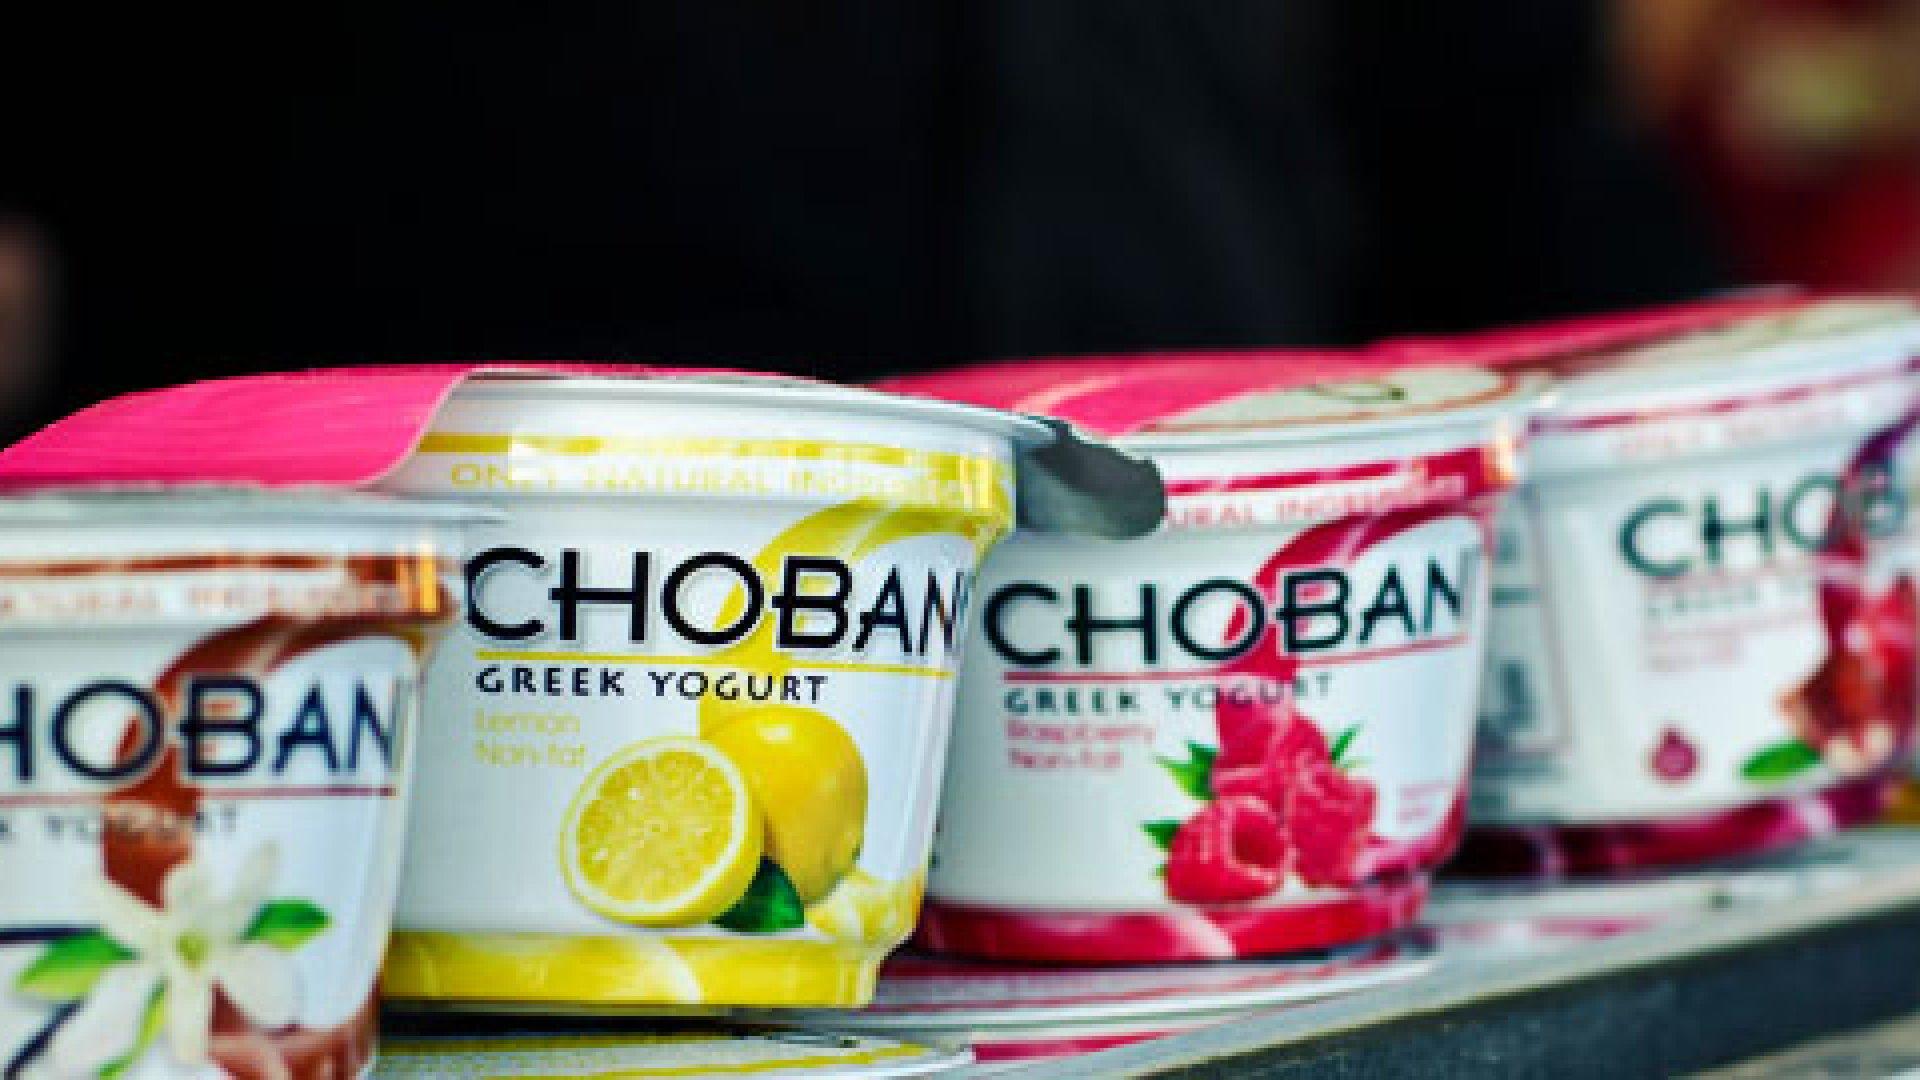 Big Bet on Greek Yogurt, Big Payoff